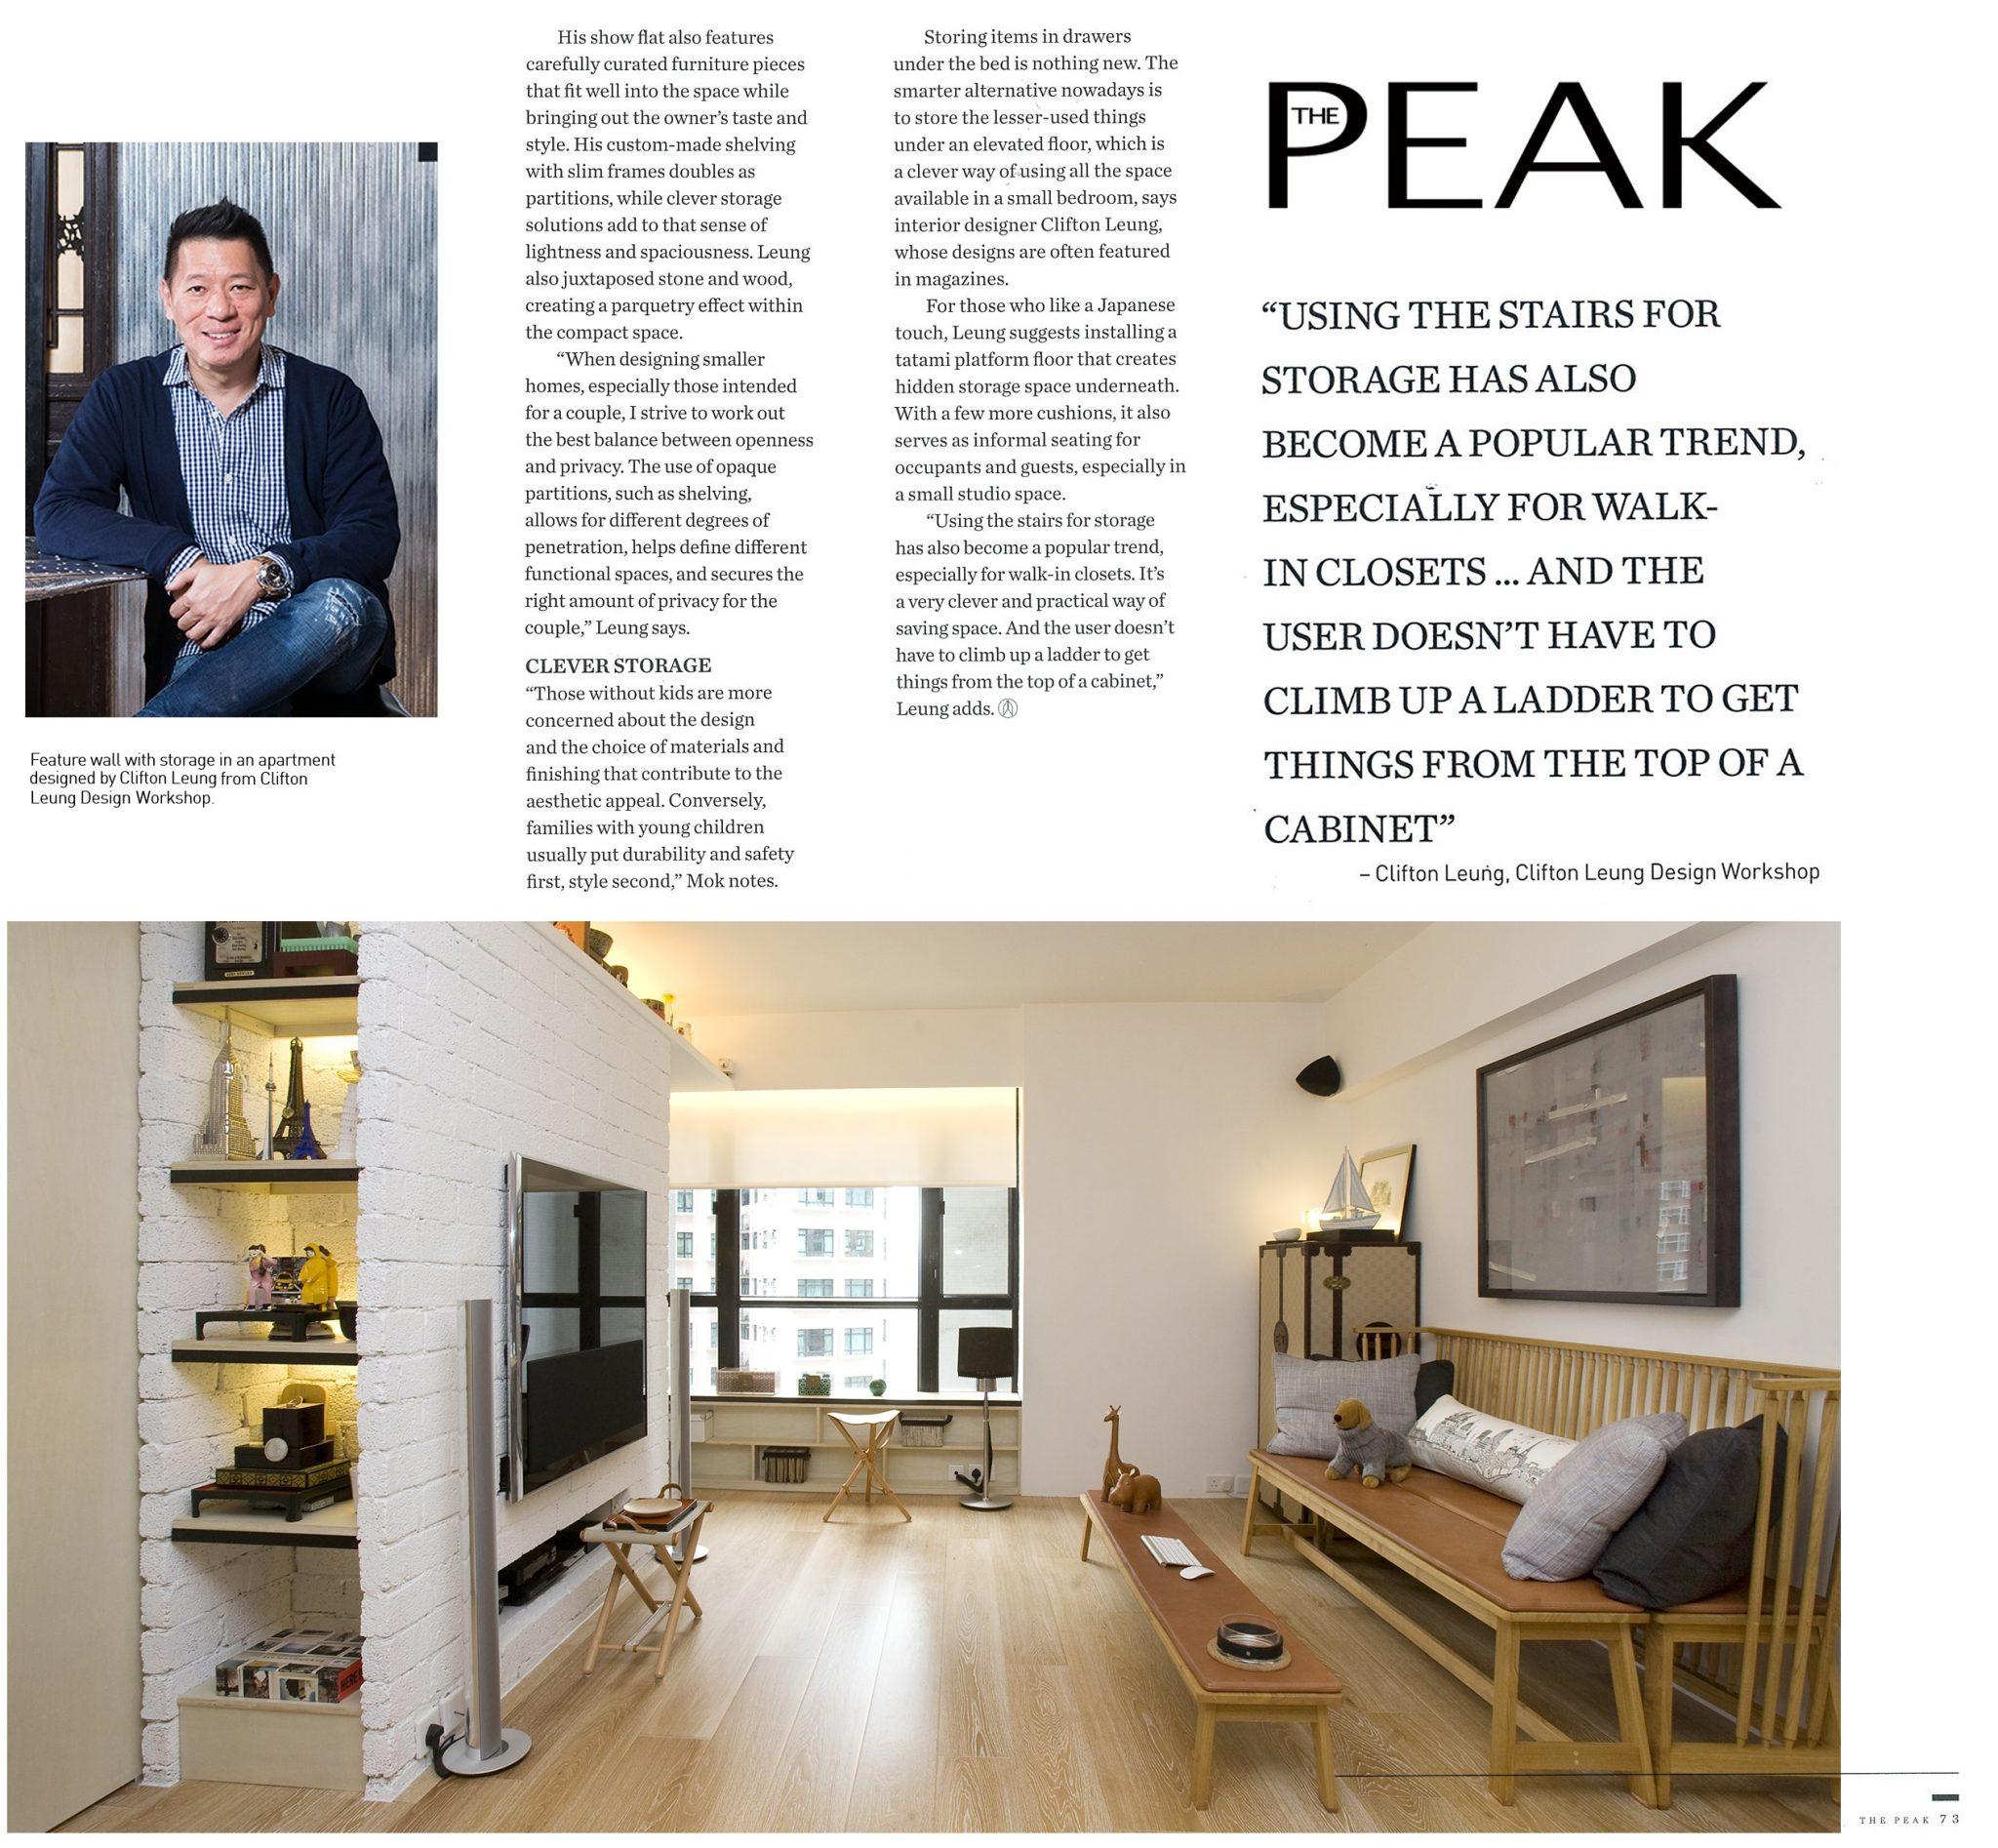 Clever Storage | PEAK Magazine | Jul 2015